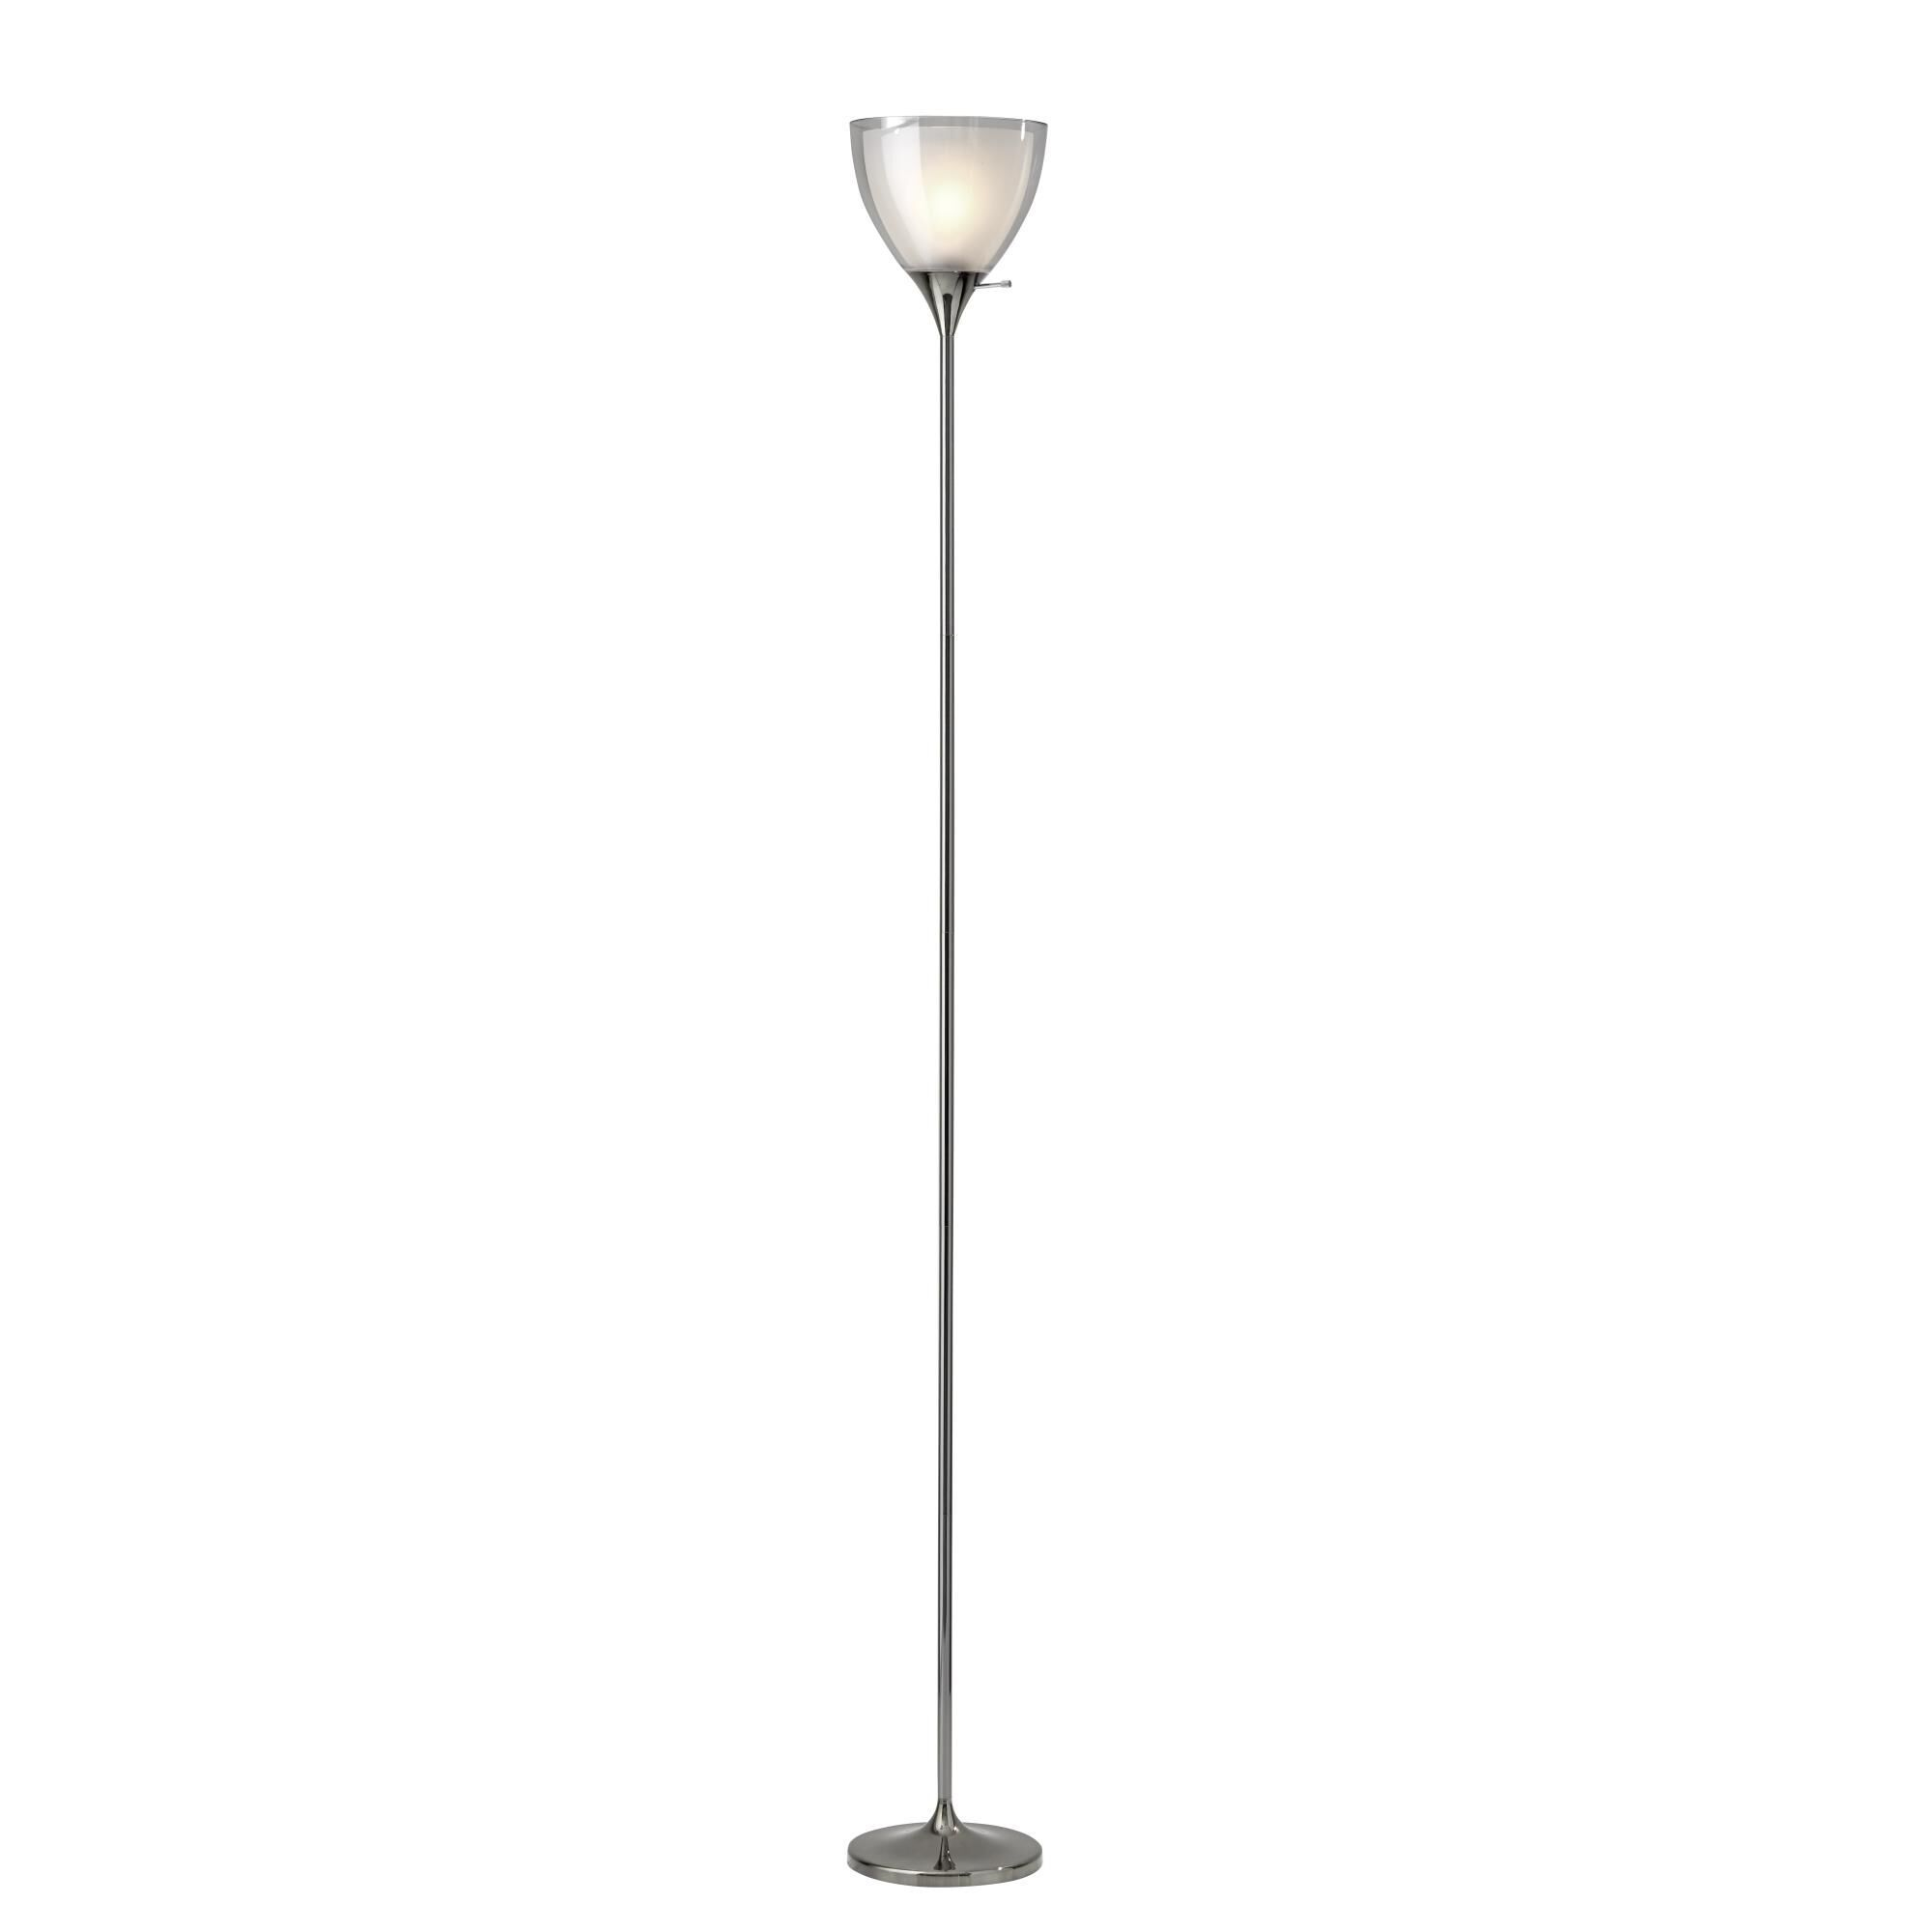 Van Teal 770962 Amnesia 72 Inch Floor Lamp Lamp Contemporary Light Fixtures Floor Lamp